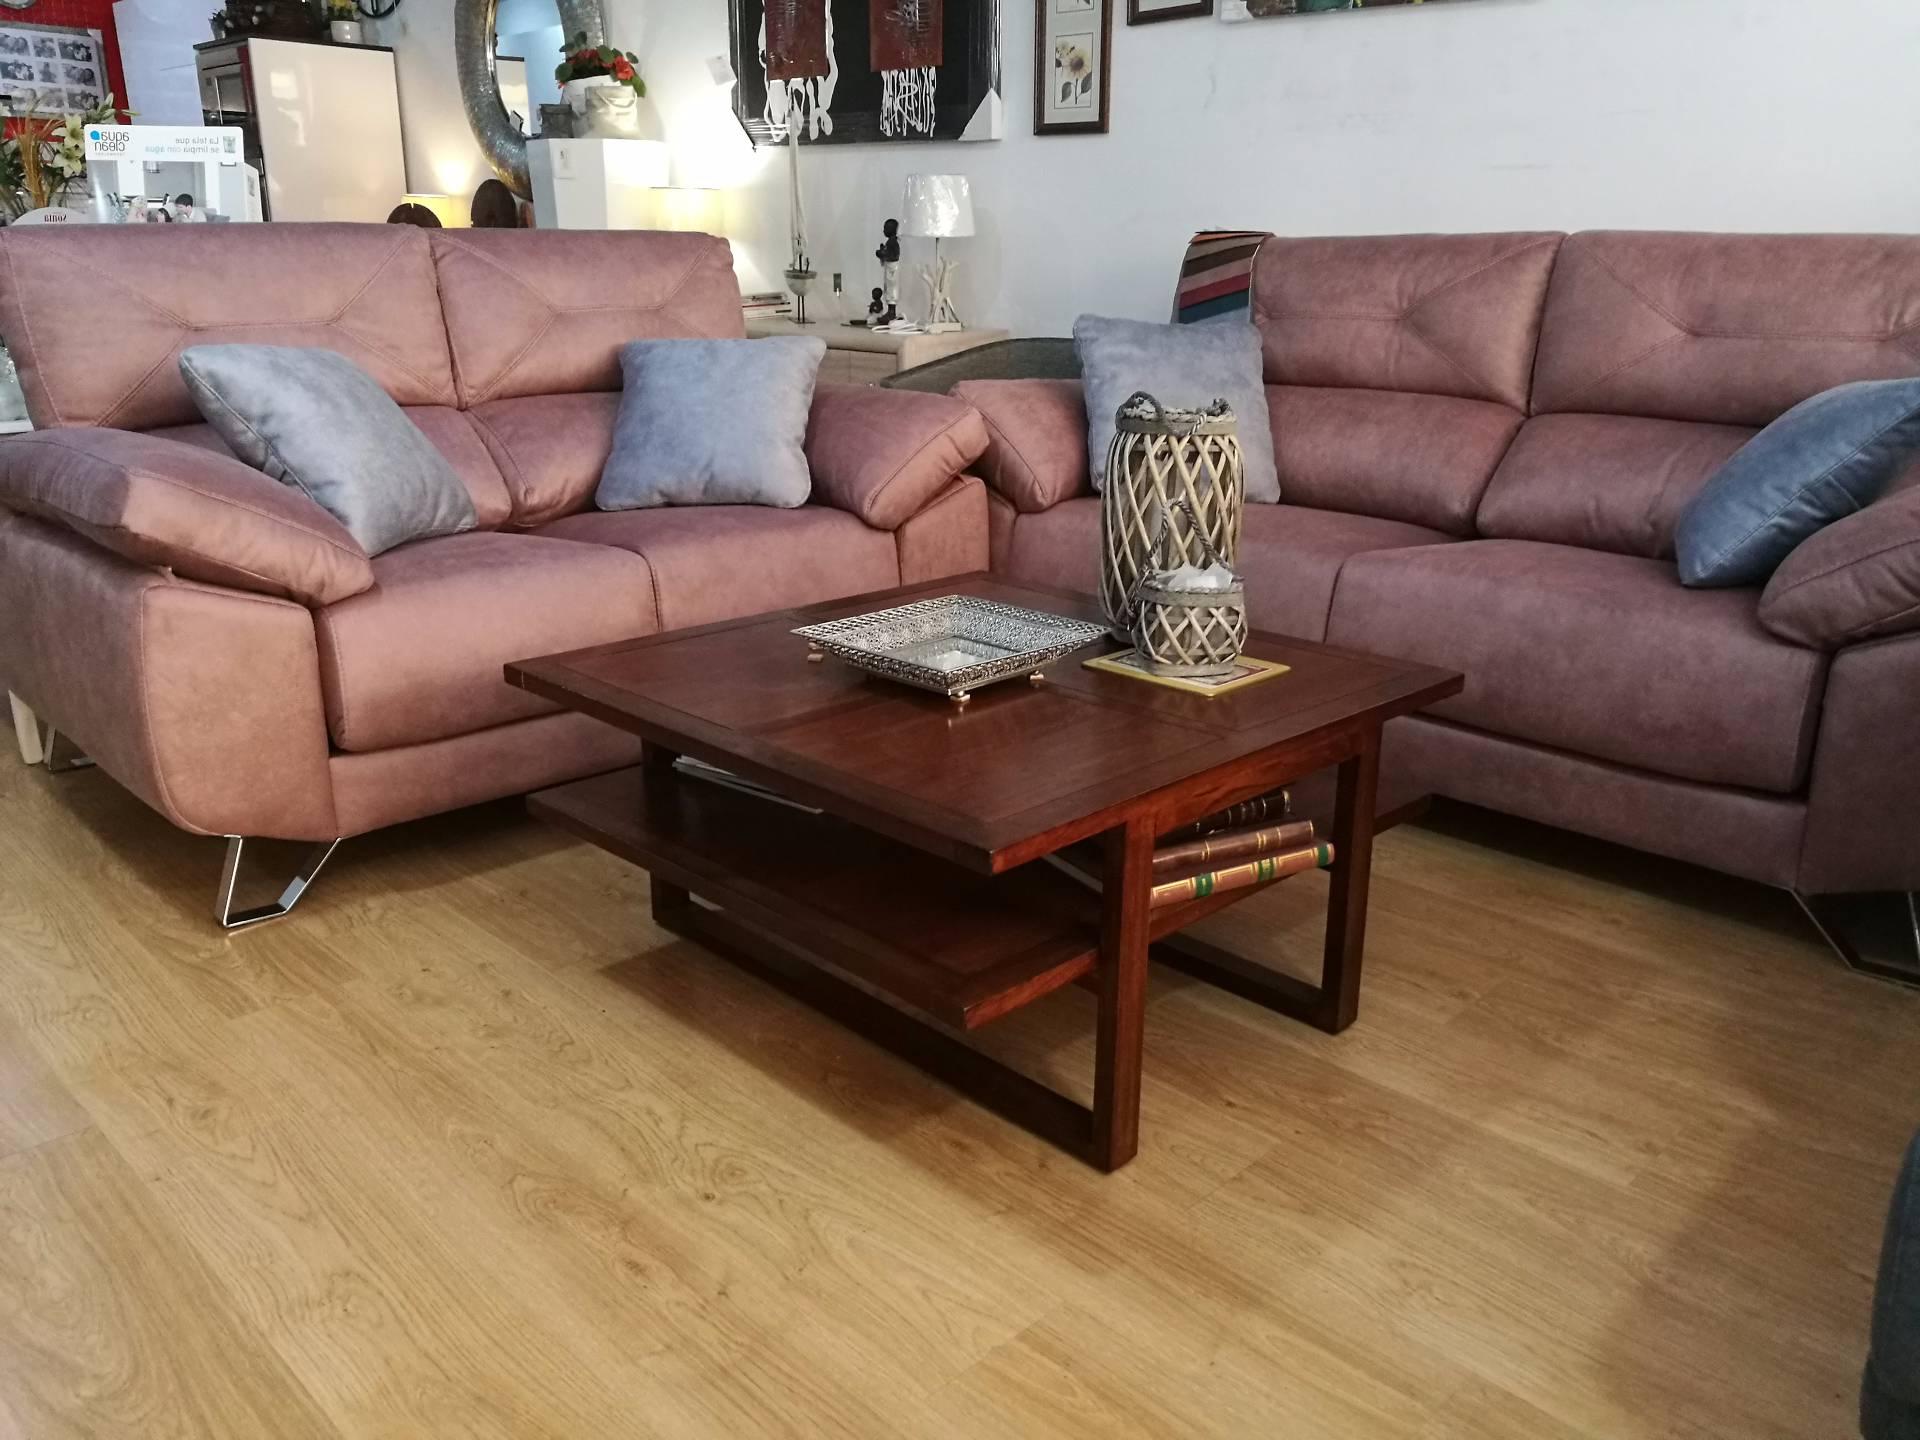 Tiendas De sofas En Granada H9d9 Tienda De sofà S Y Sillones En Granada Fegomar Muebles Para El Hogar